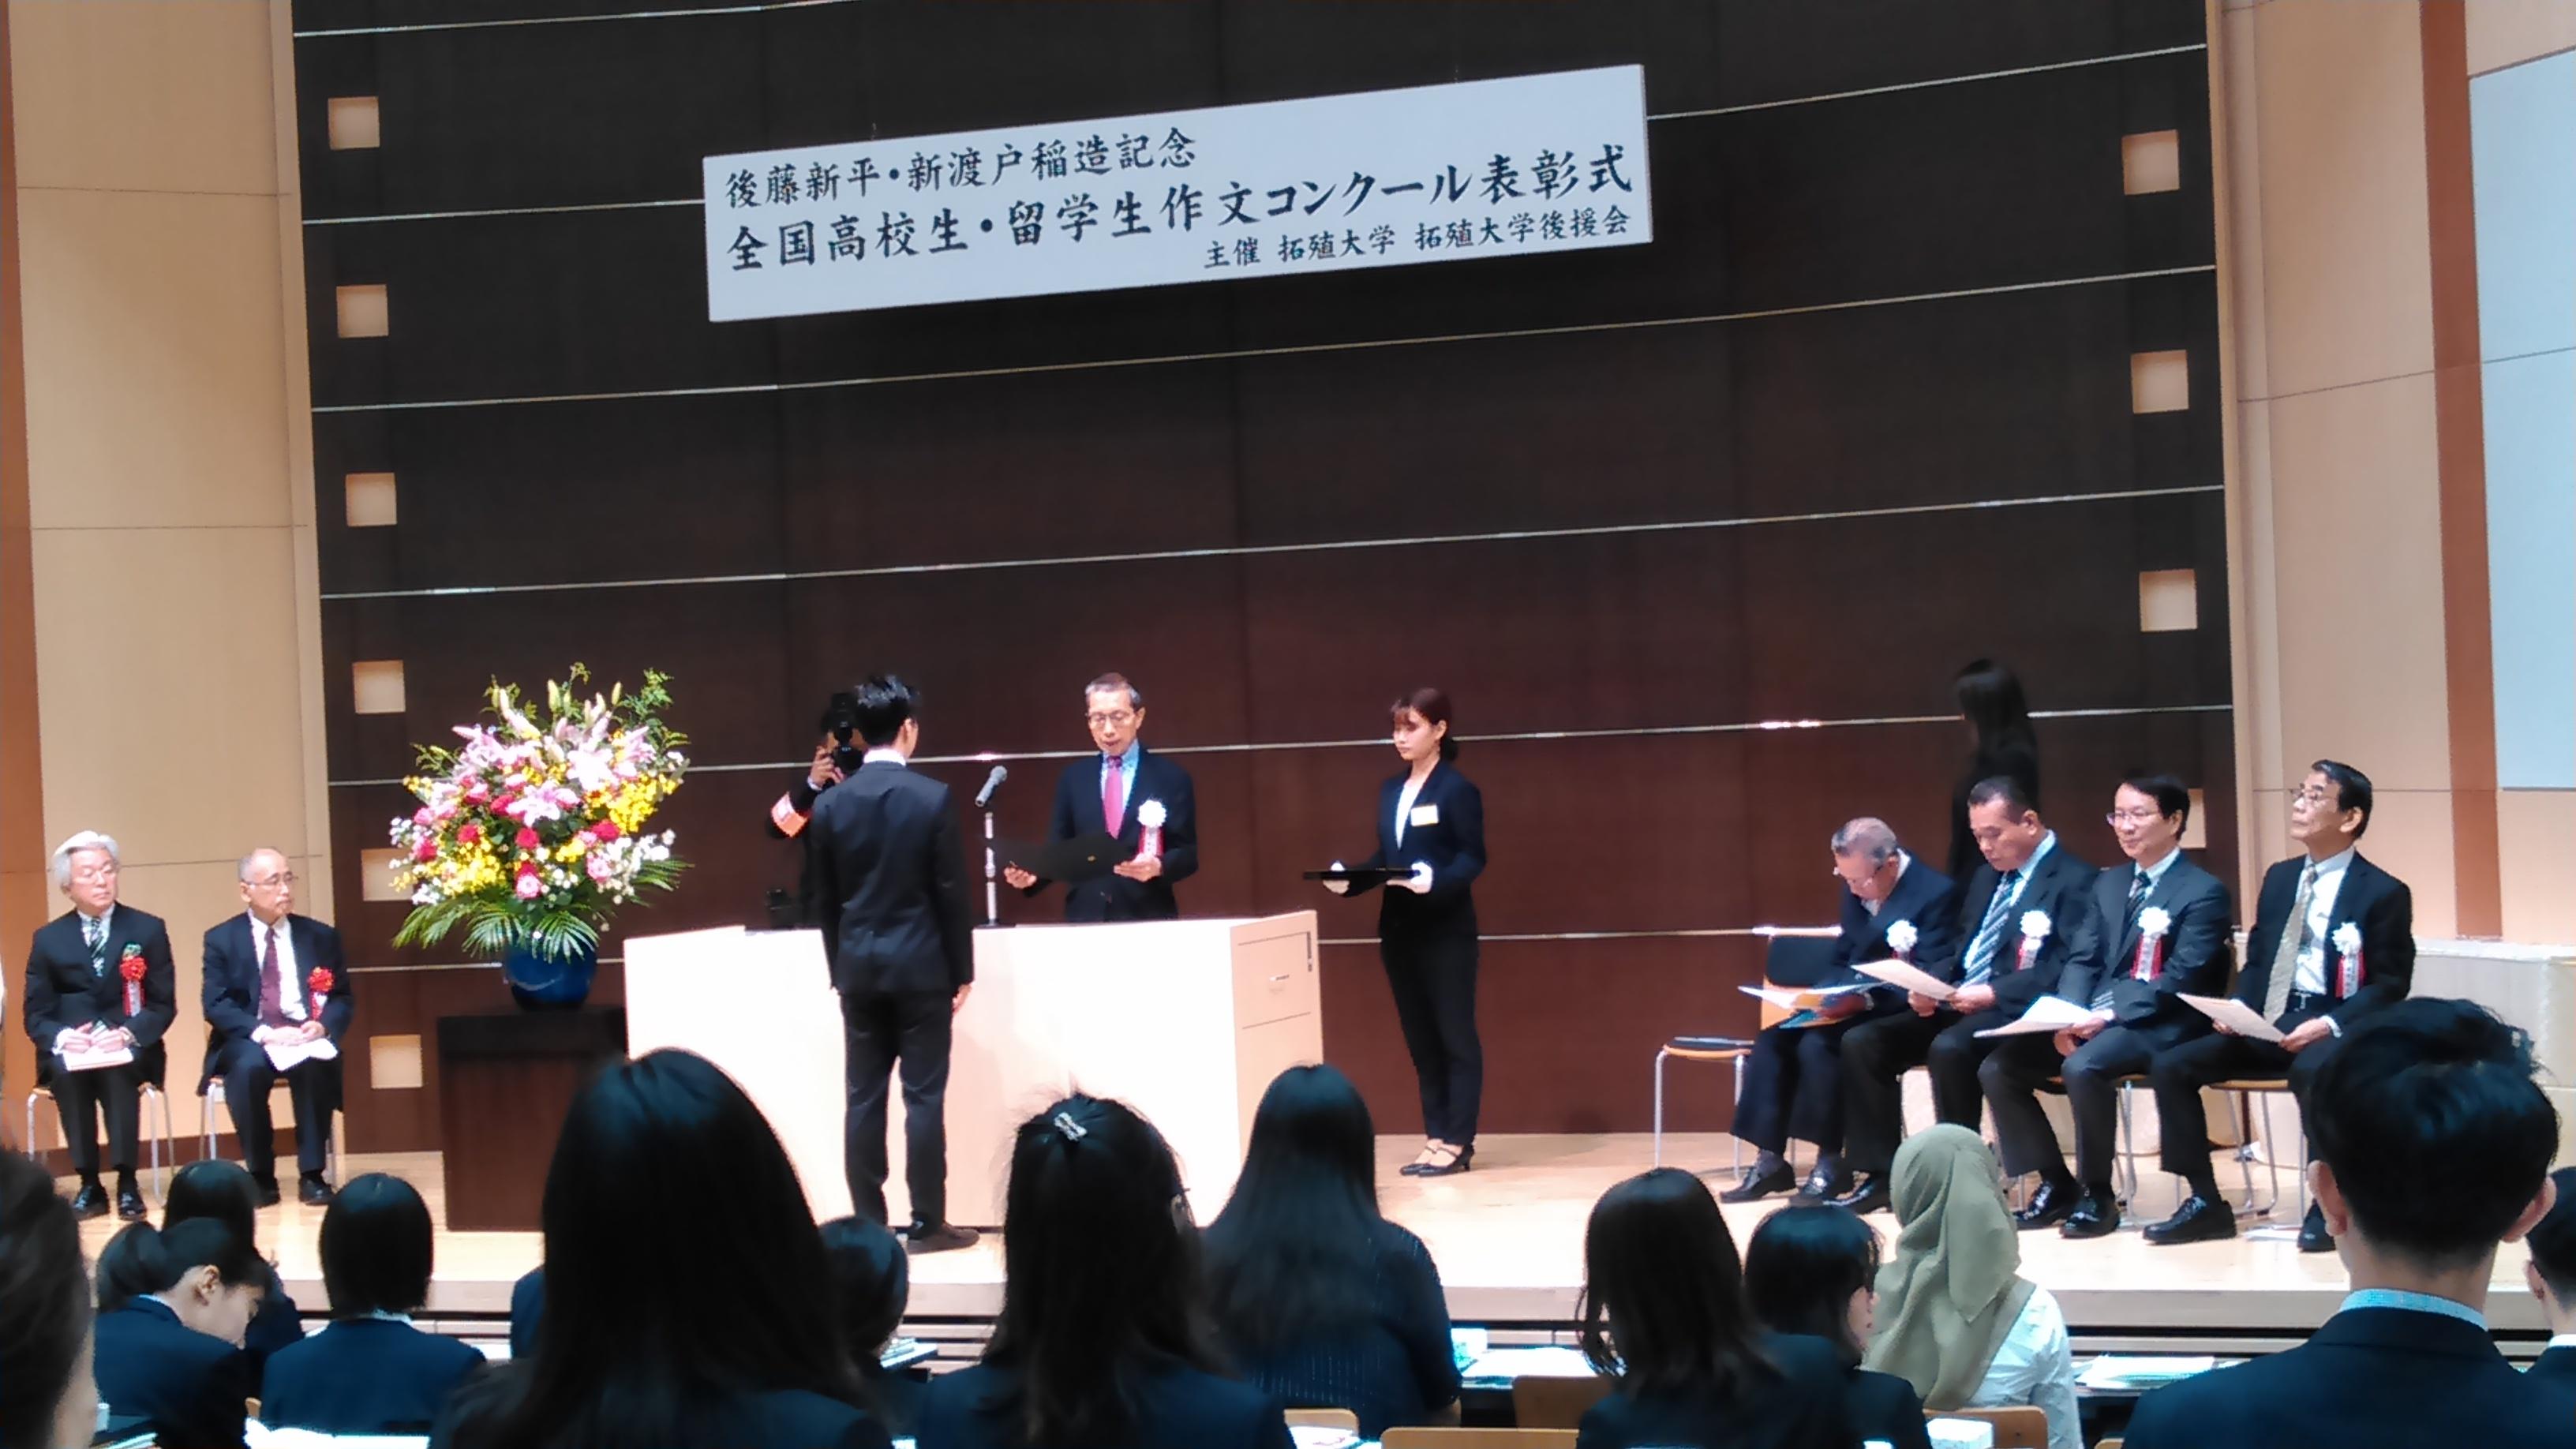 恭喜學生入選拓殖大學作文比賽